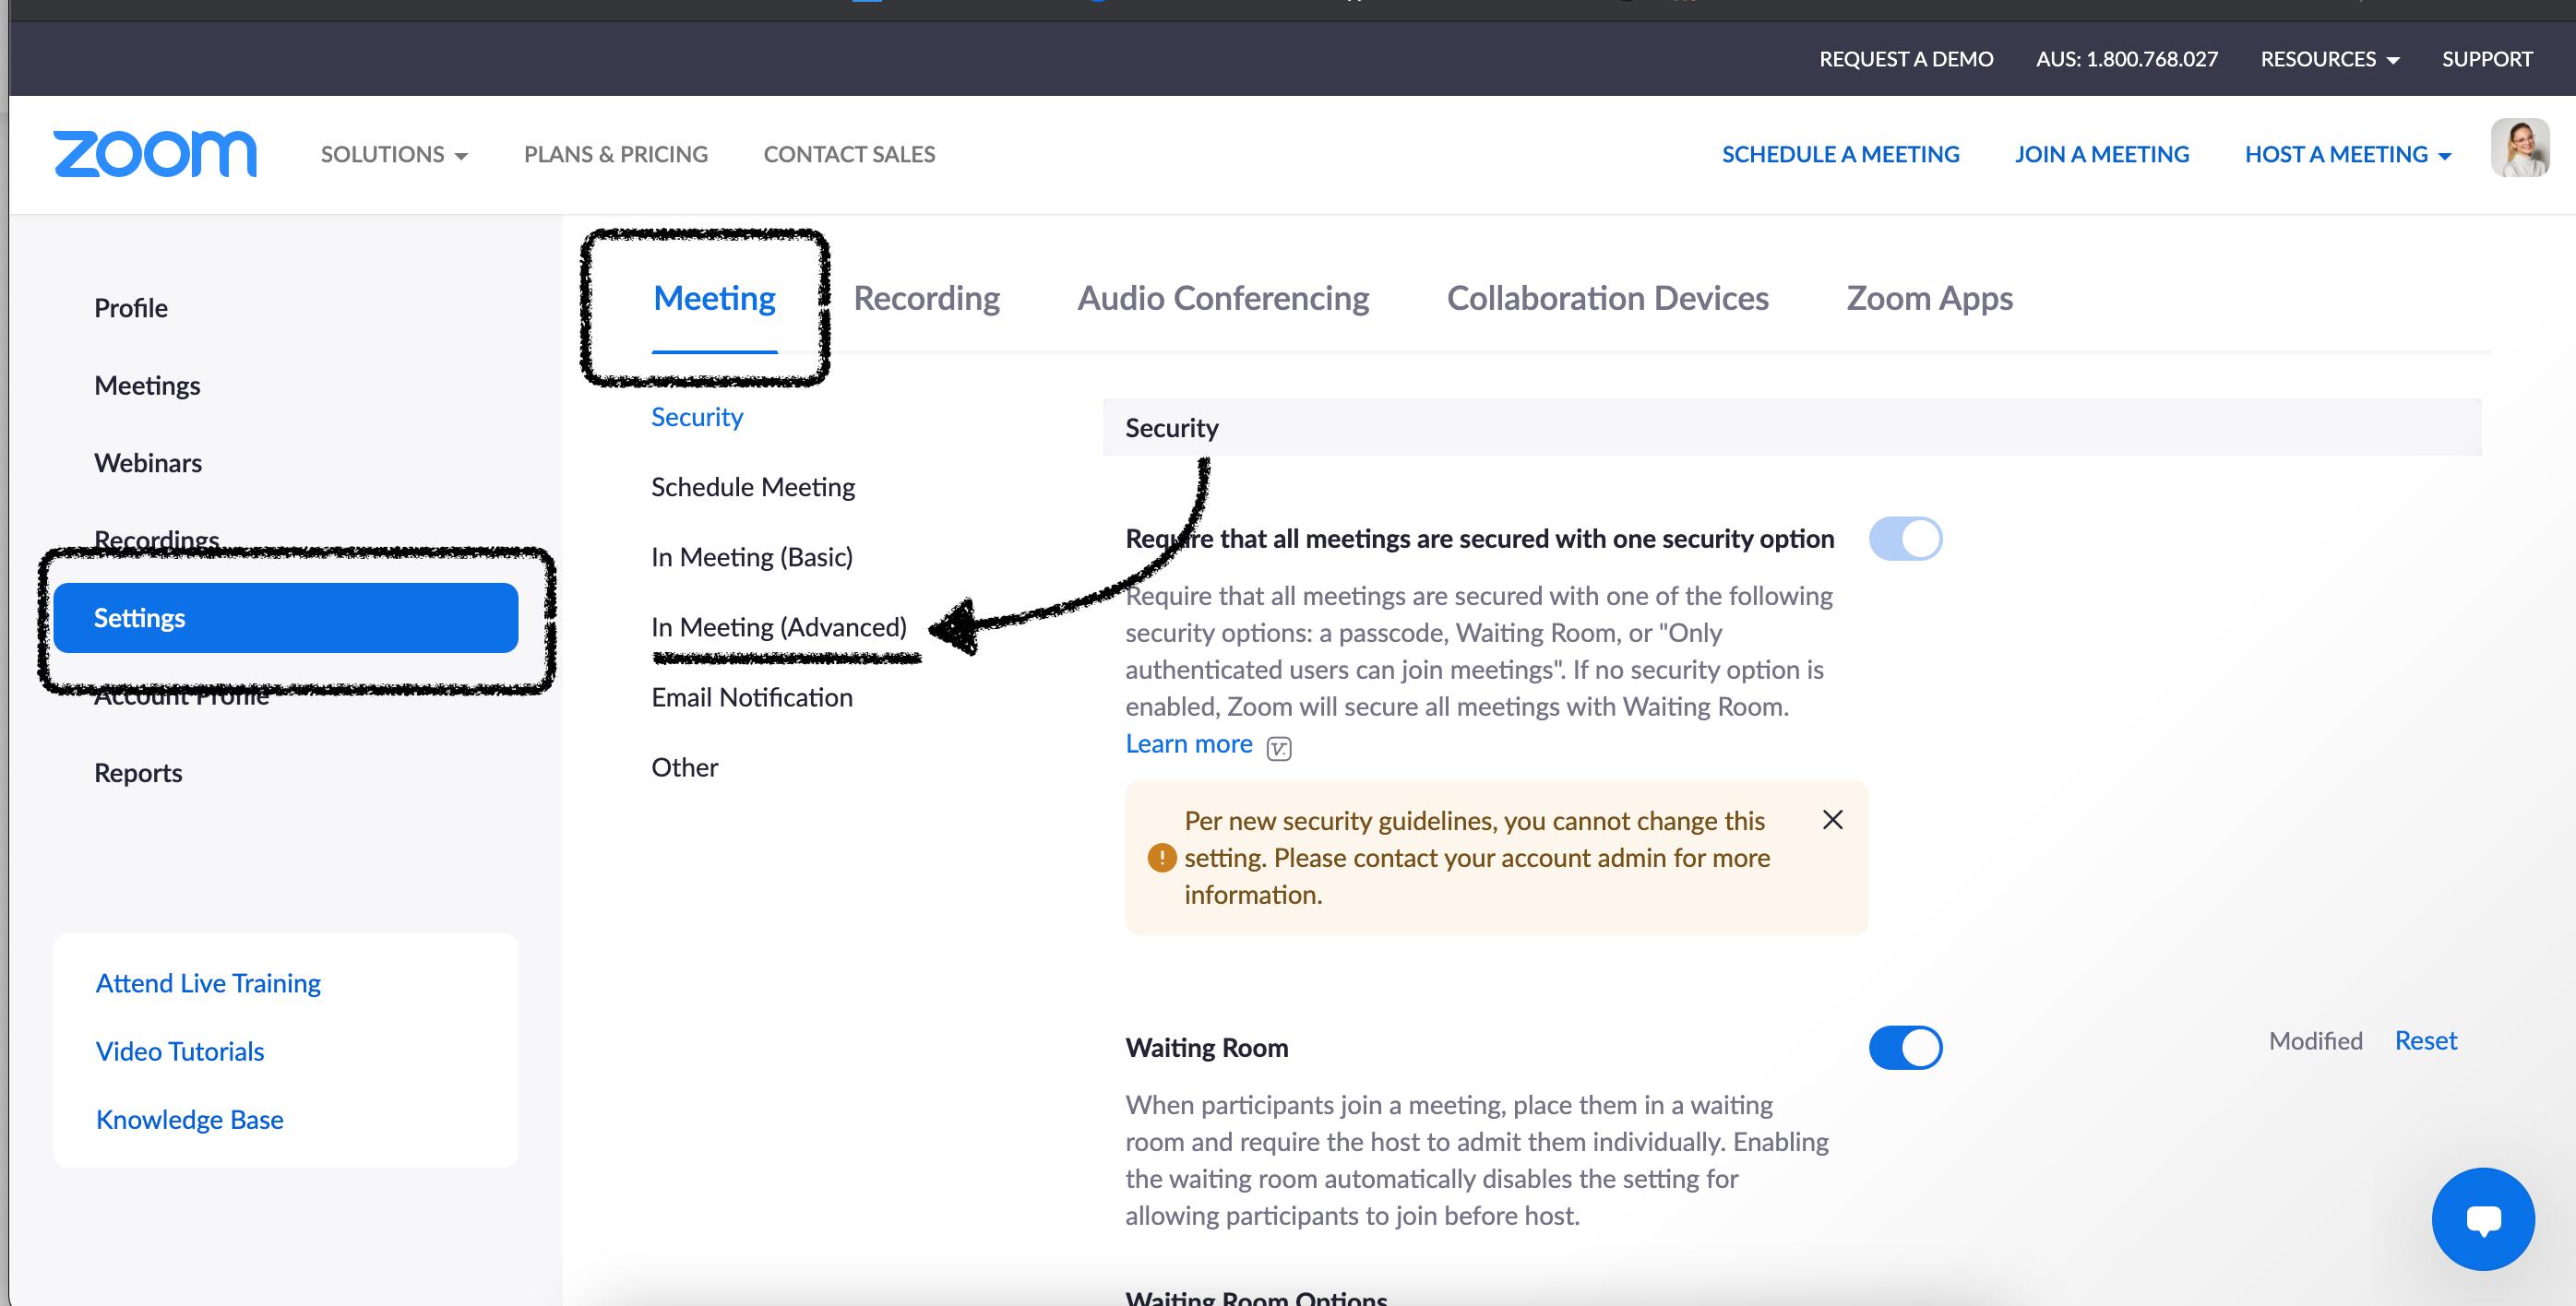 Zoom Web Portal - Meeting Settings